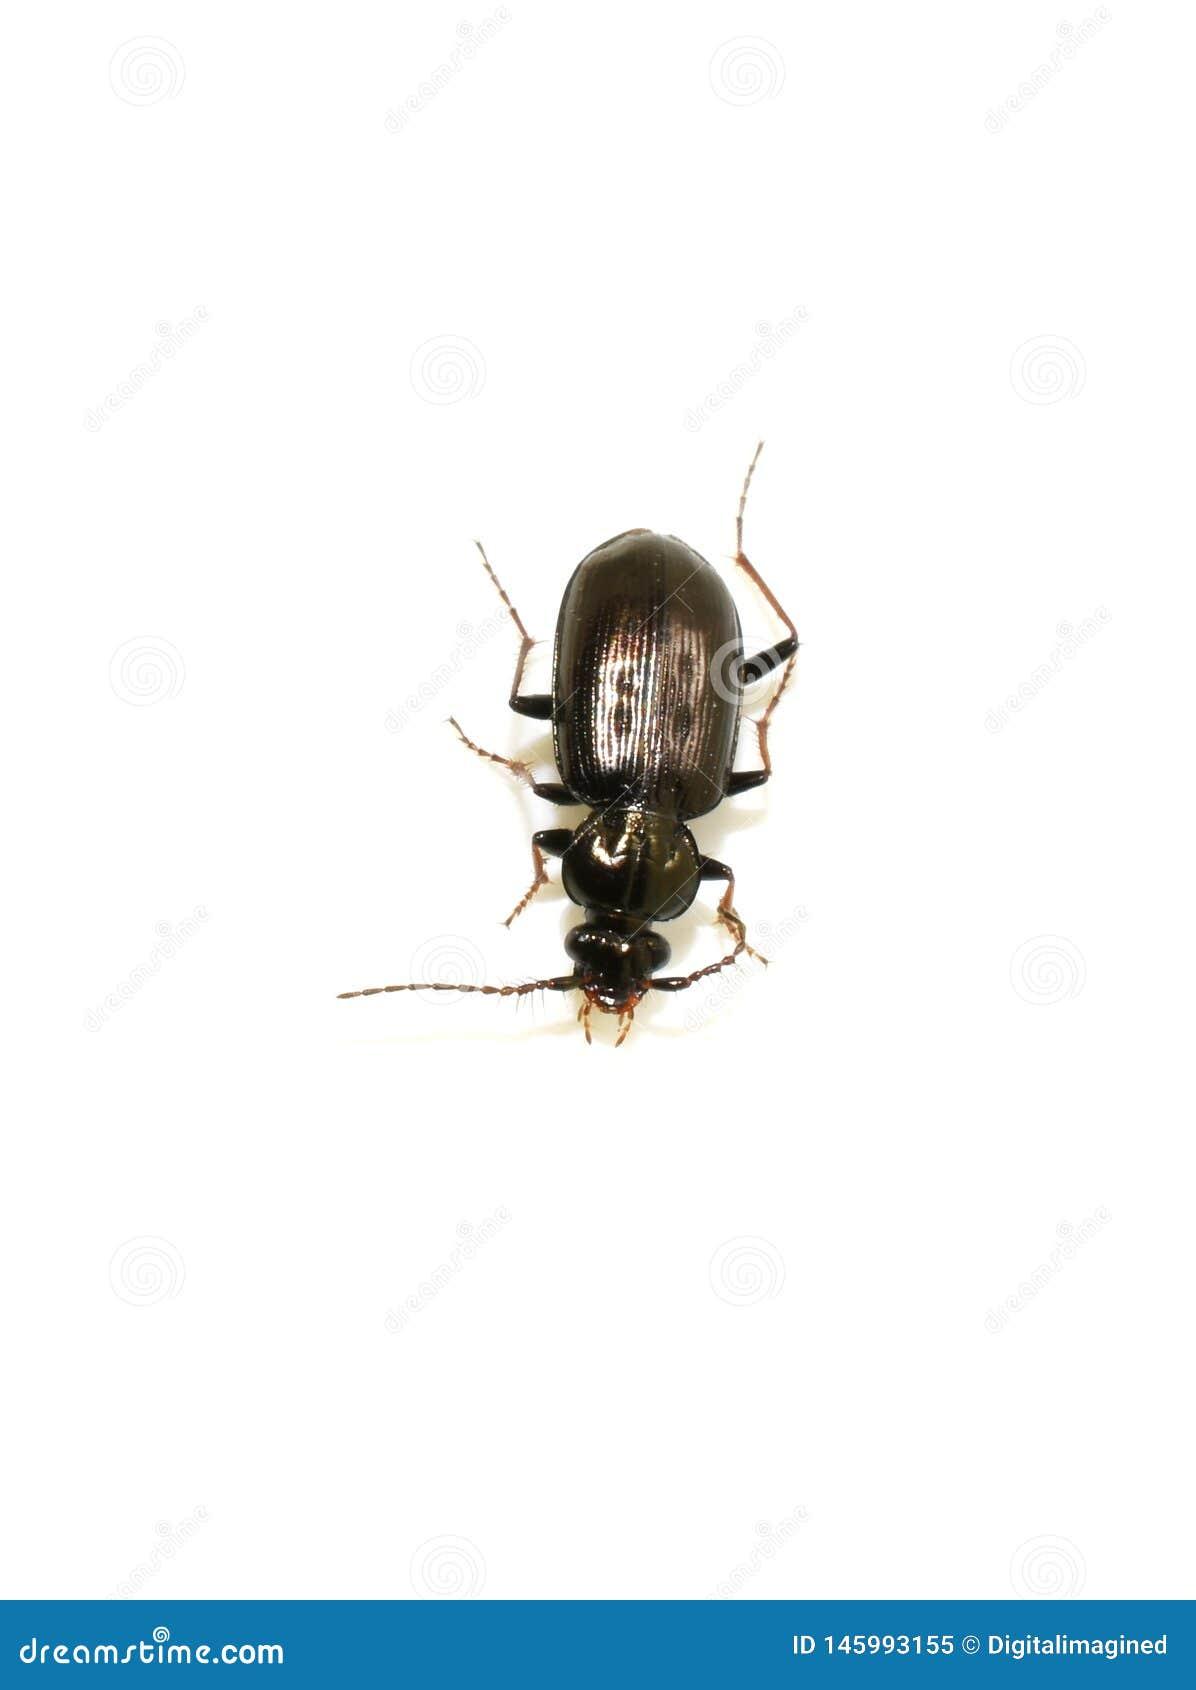 Loricera pilicornis Bristle antennae ground beetle